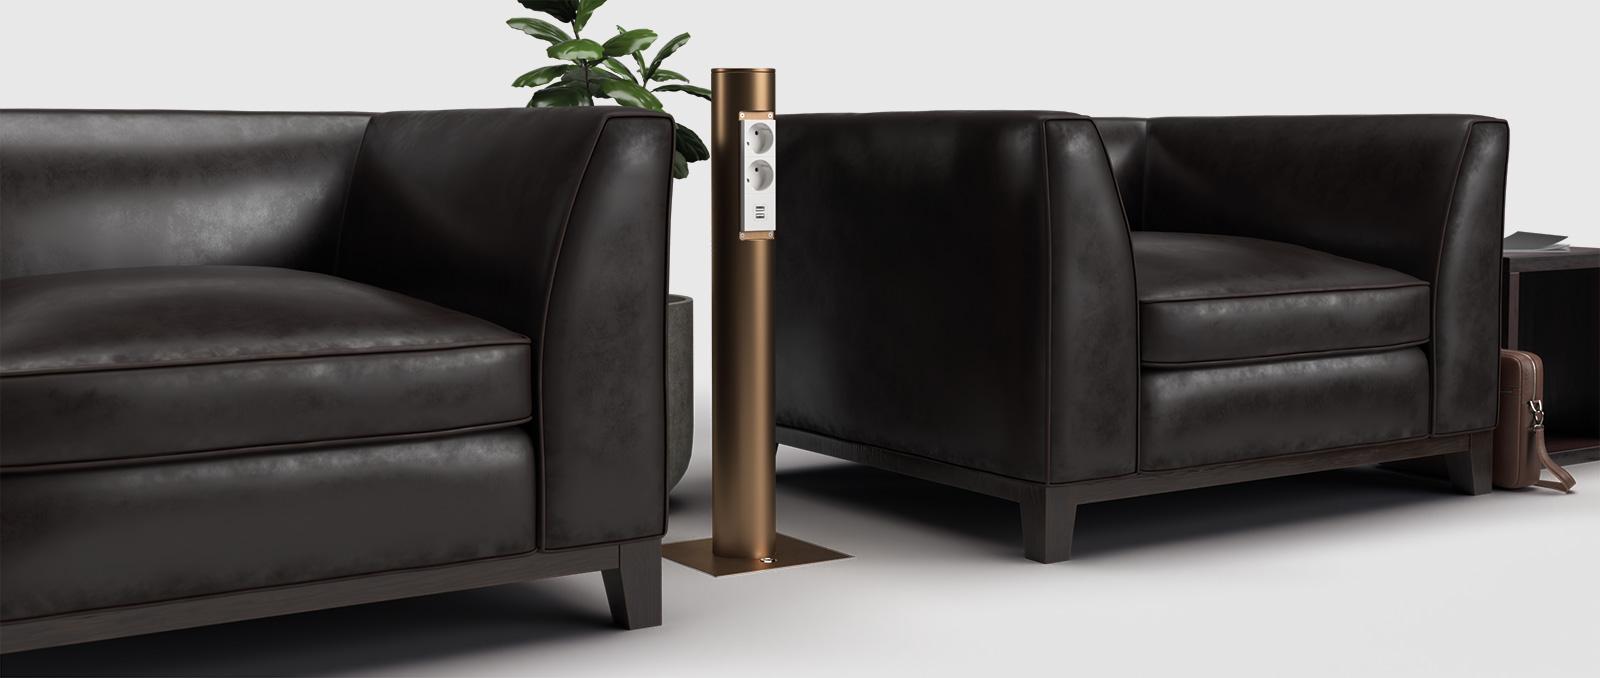 2003Q-mit-Anschlussäule-OT60A1-im-Loungebereich-Banner-1600×678